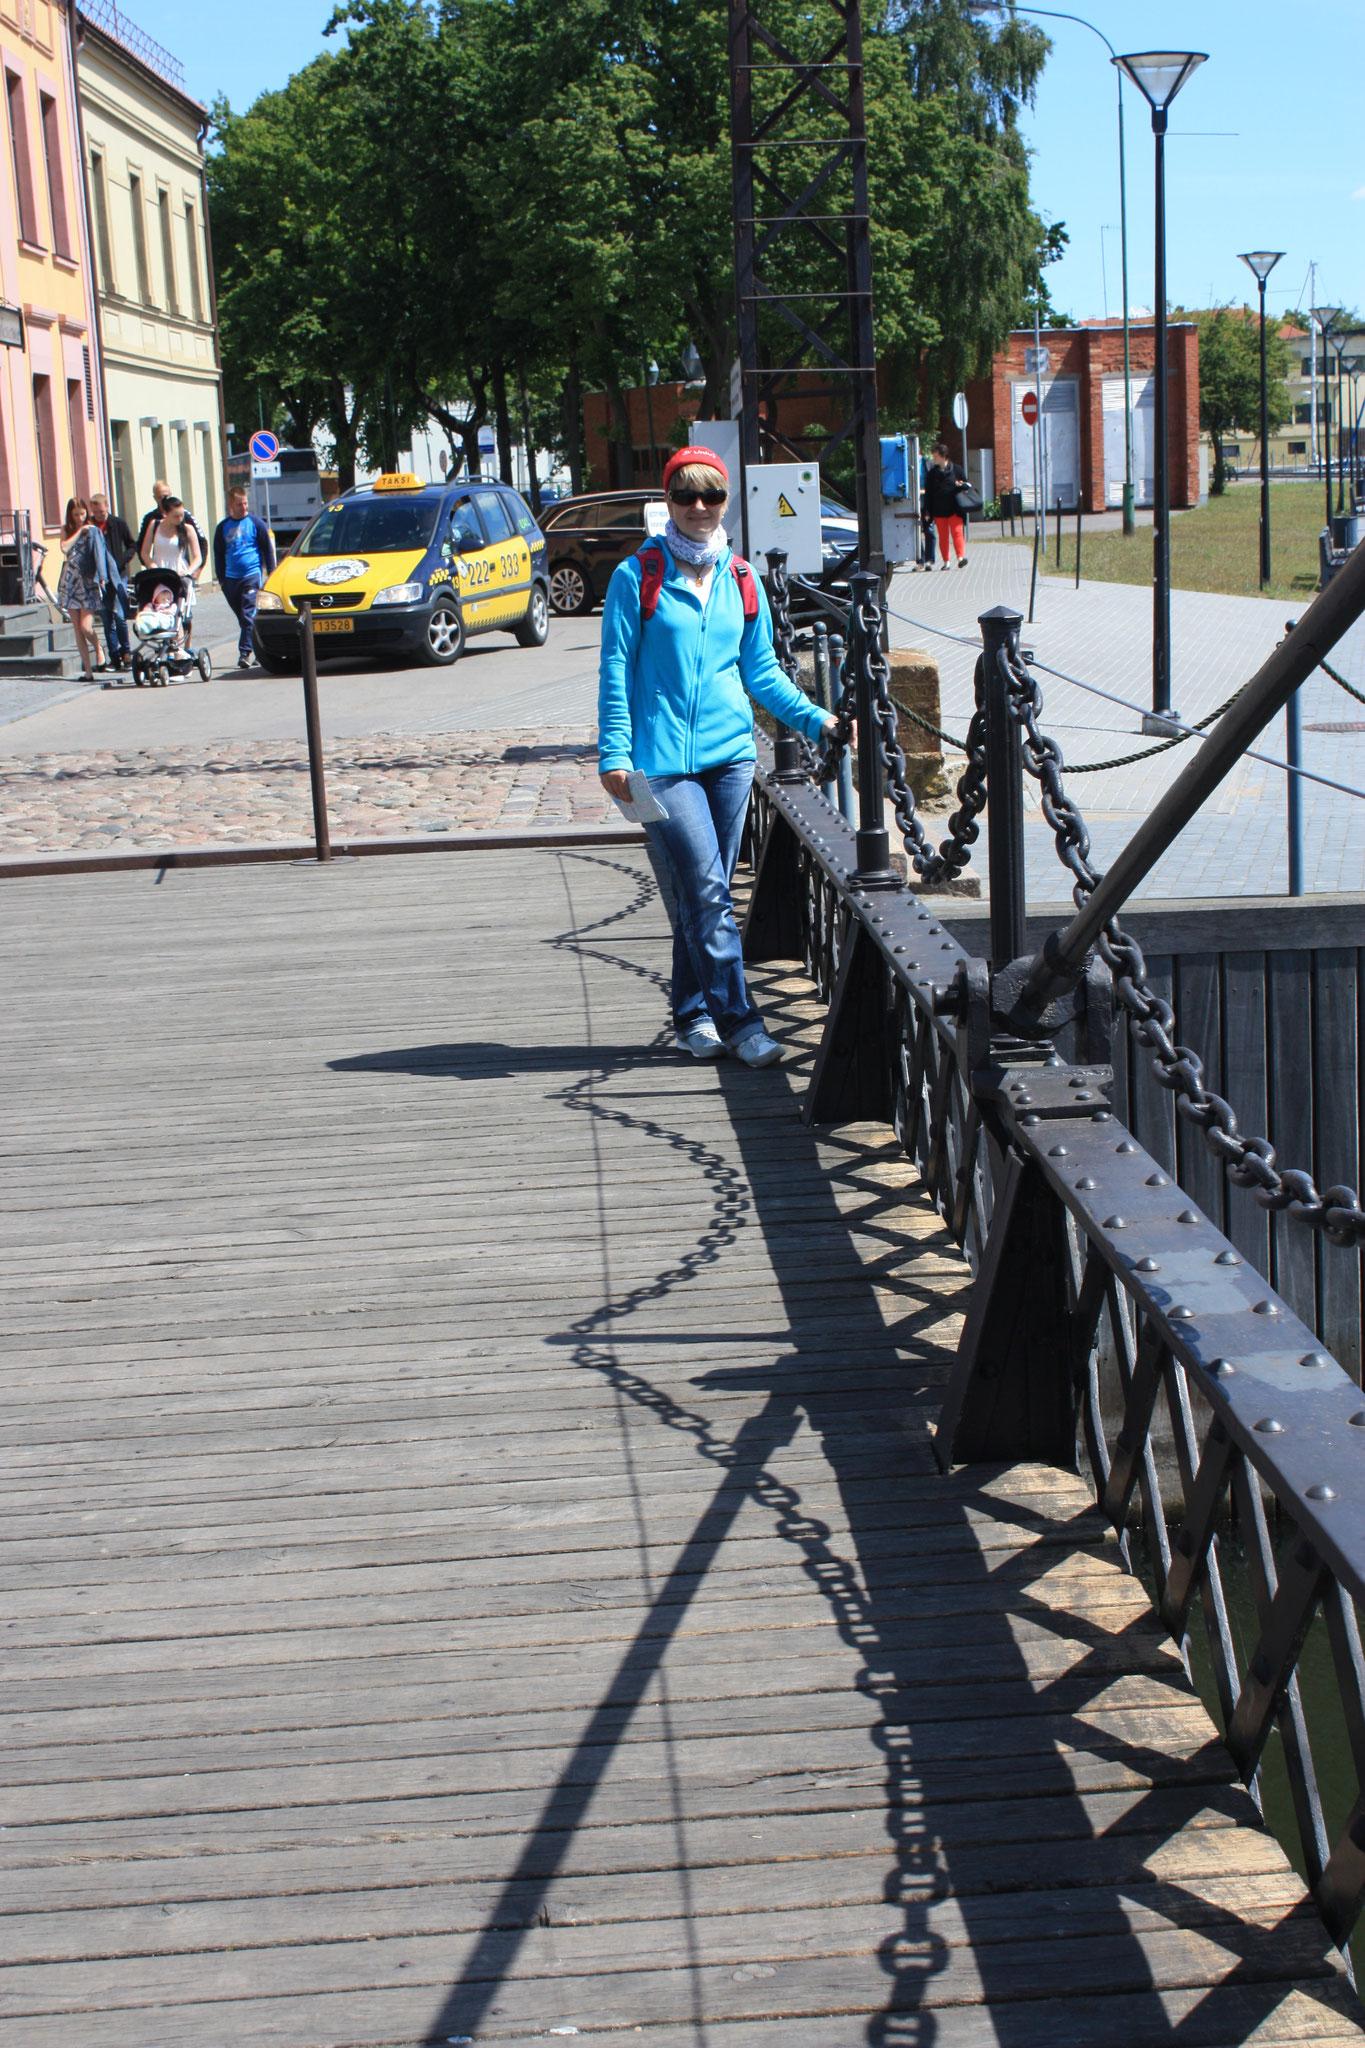 Drehbrücke....